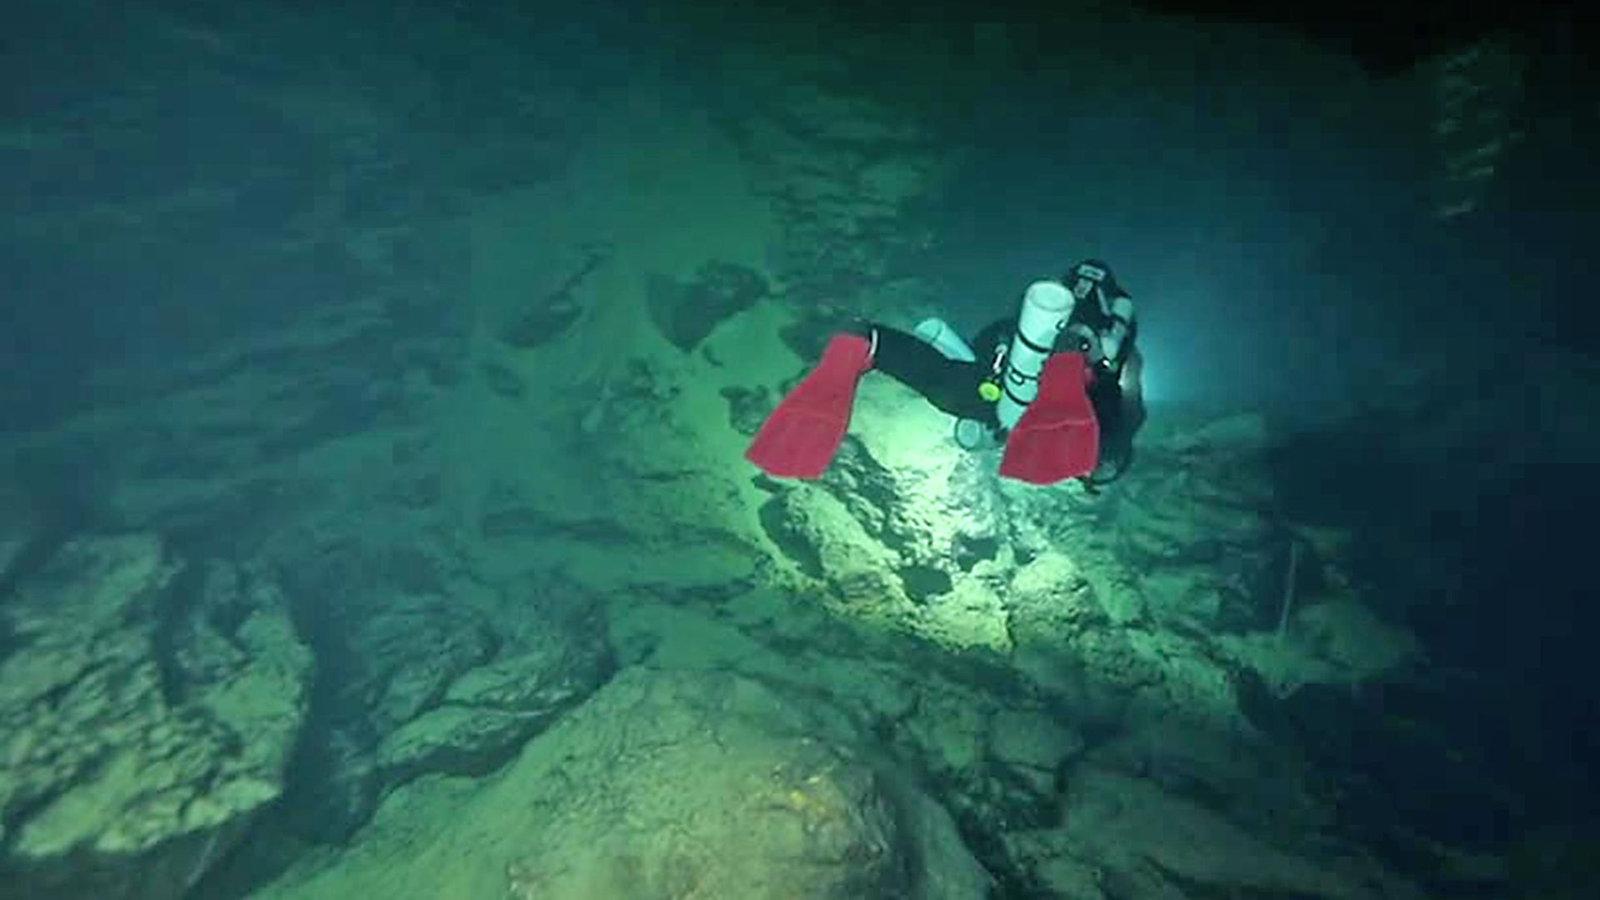 Höhlen als Trinkwasserquelle der Zukunft